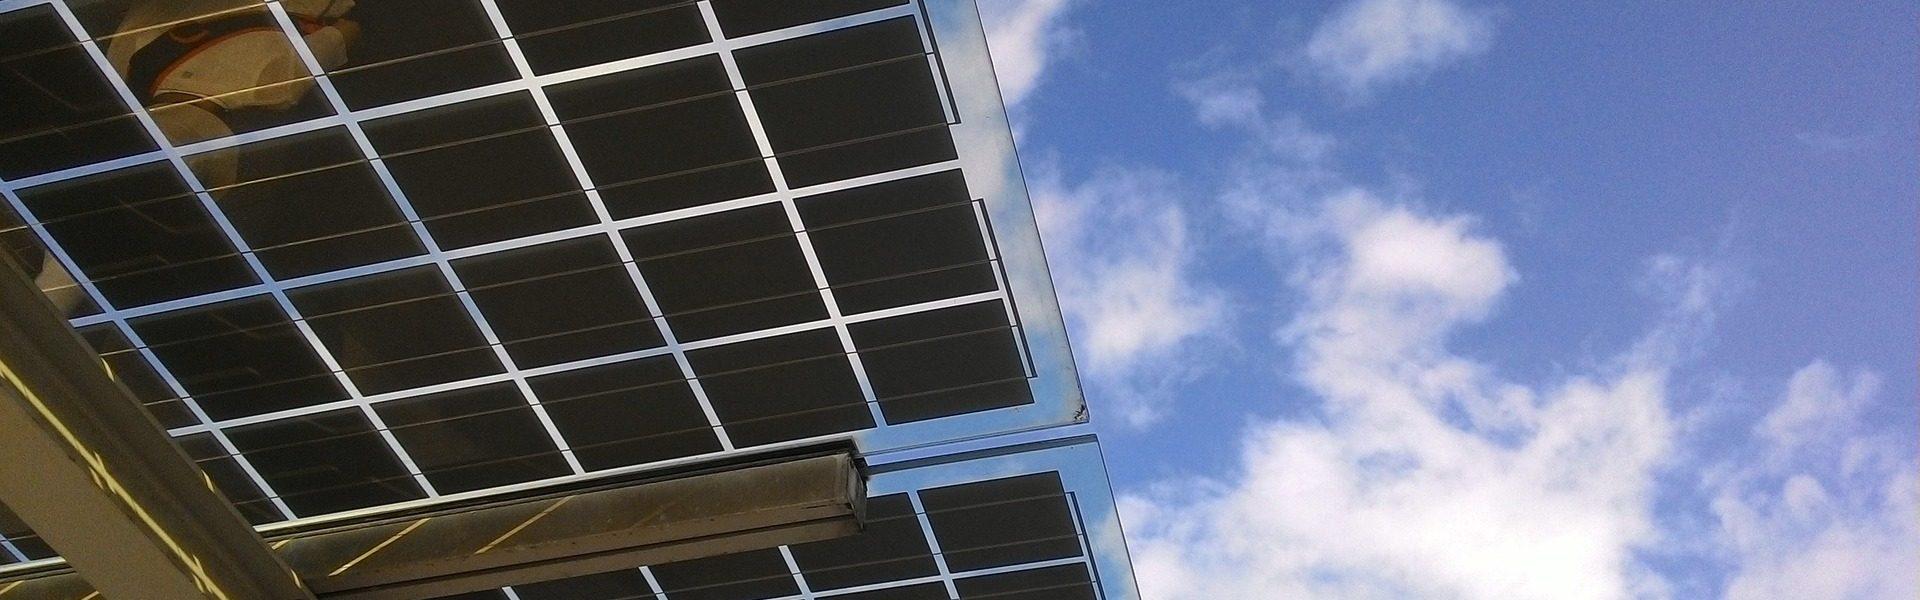 solar-panel-quinta